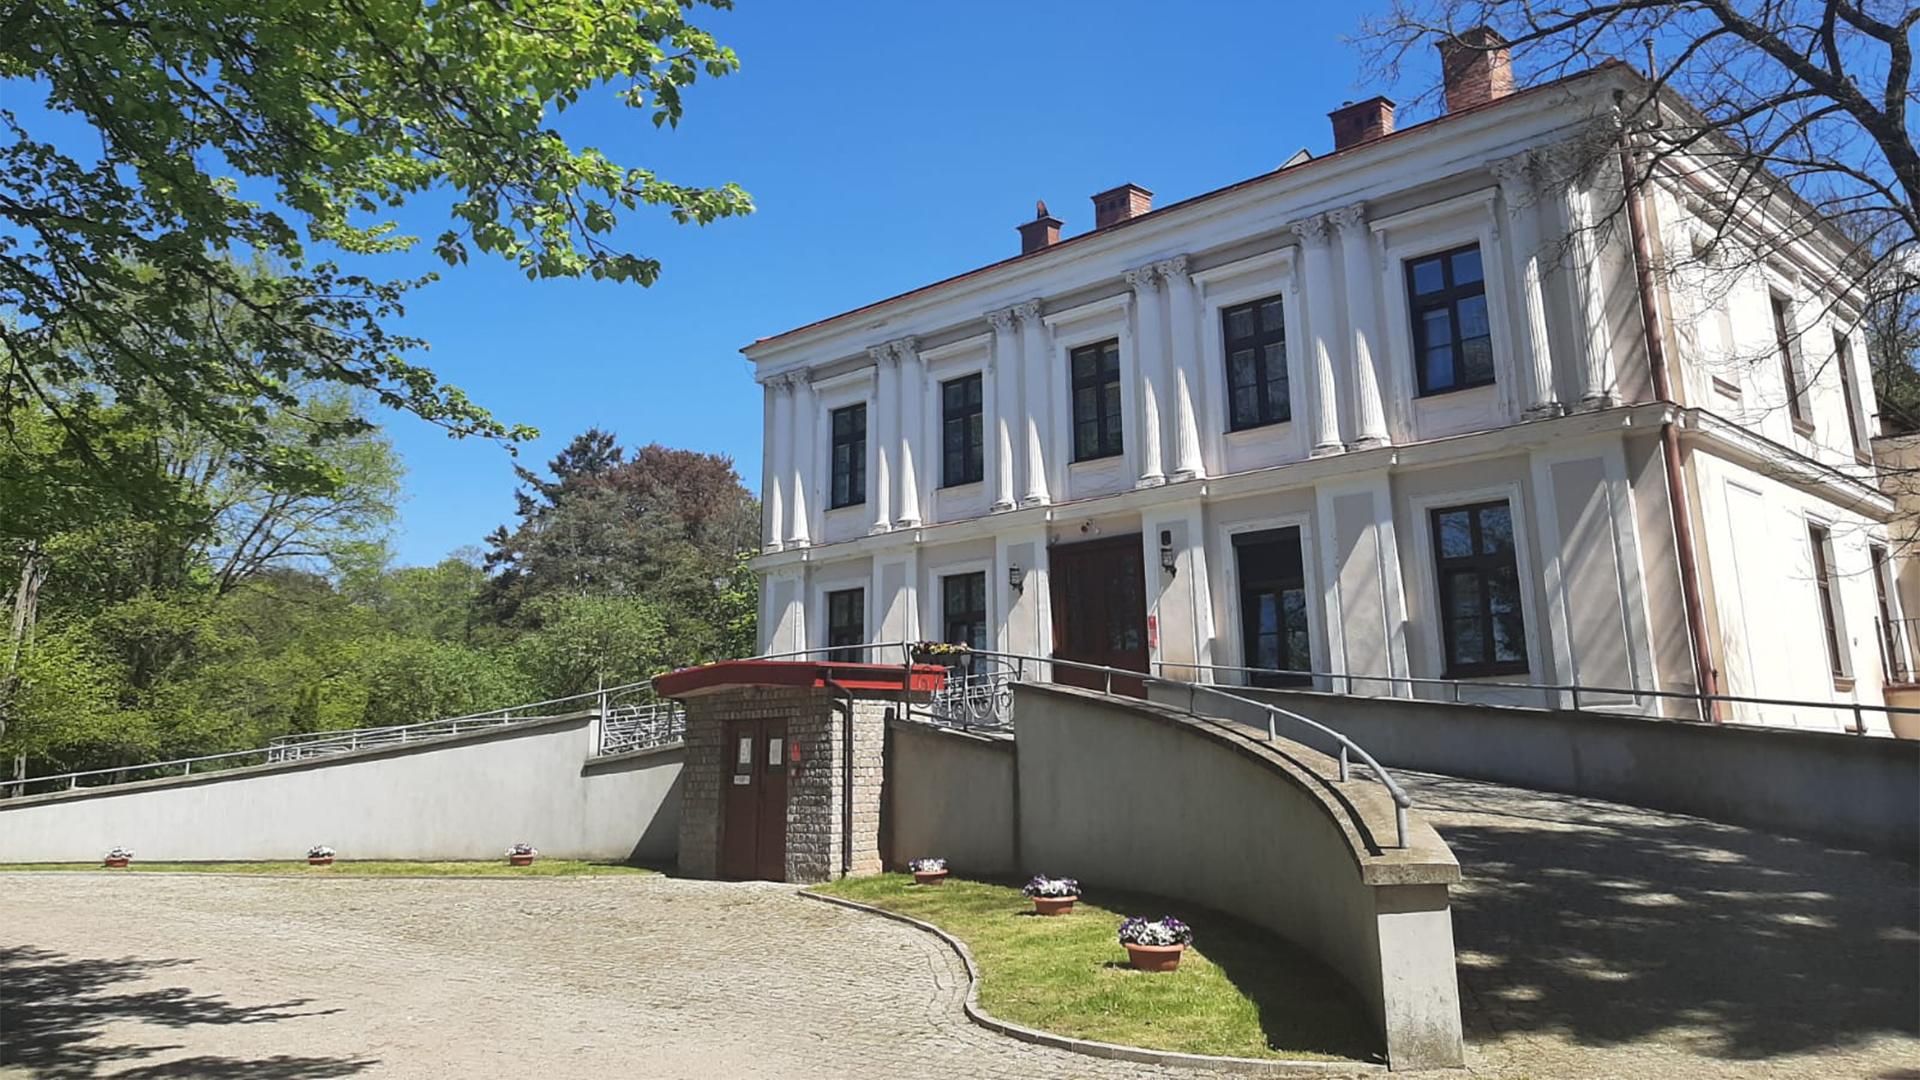 Bezchmurne niebo, biały pałac posiadający 9 okien na froncie oraz podjazd pod same drzwi z obu stron.